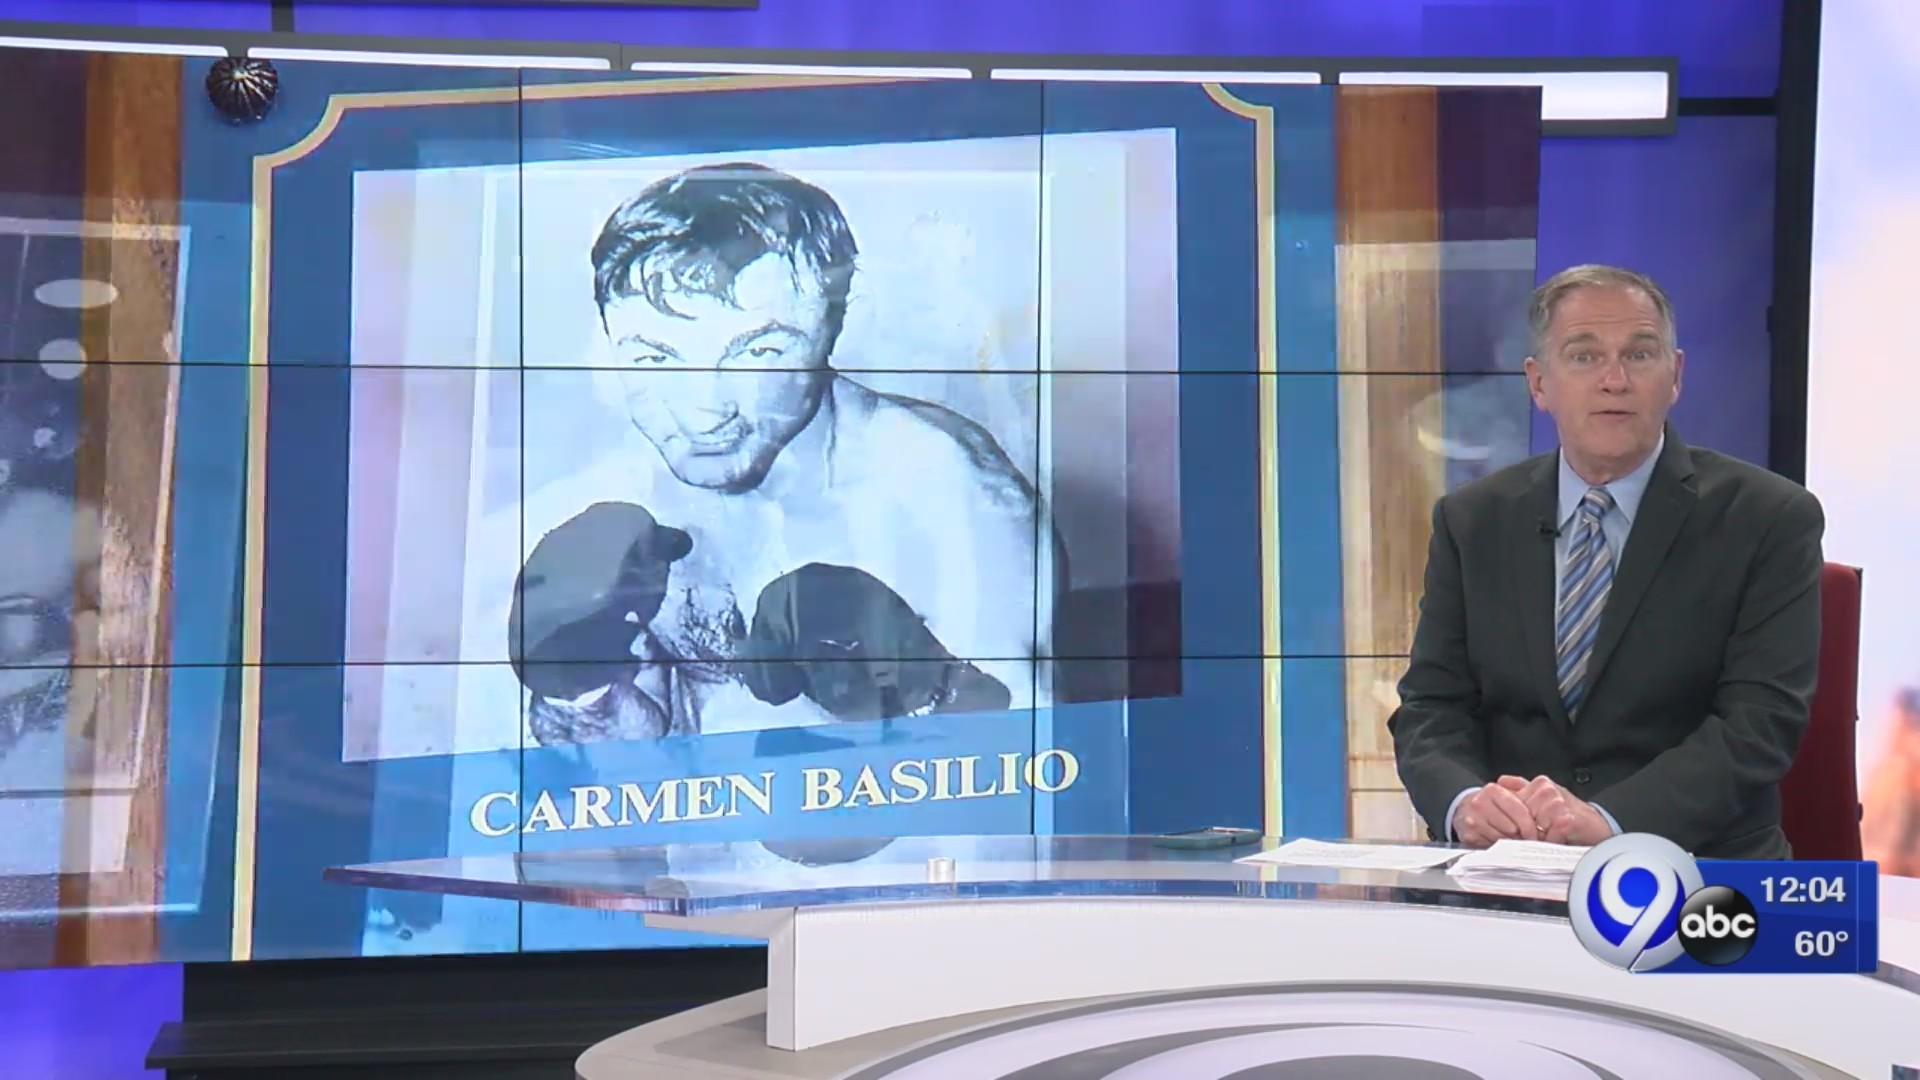 Movie_about_boxer_Carmen_Basilio_to_film_0_20190516161423